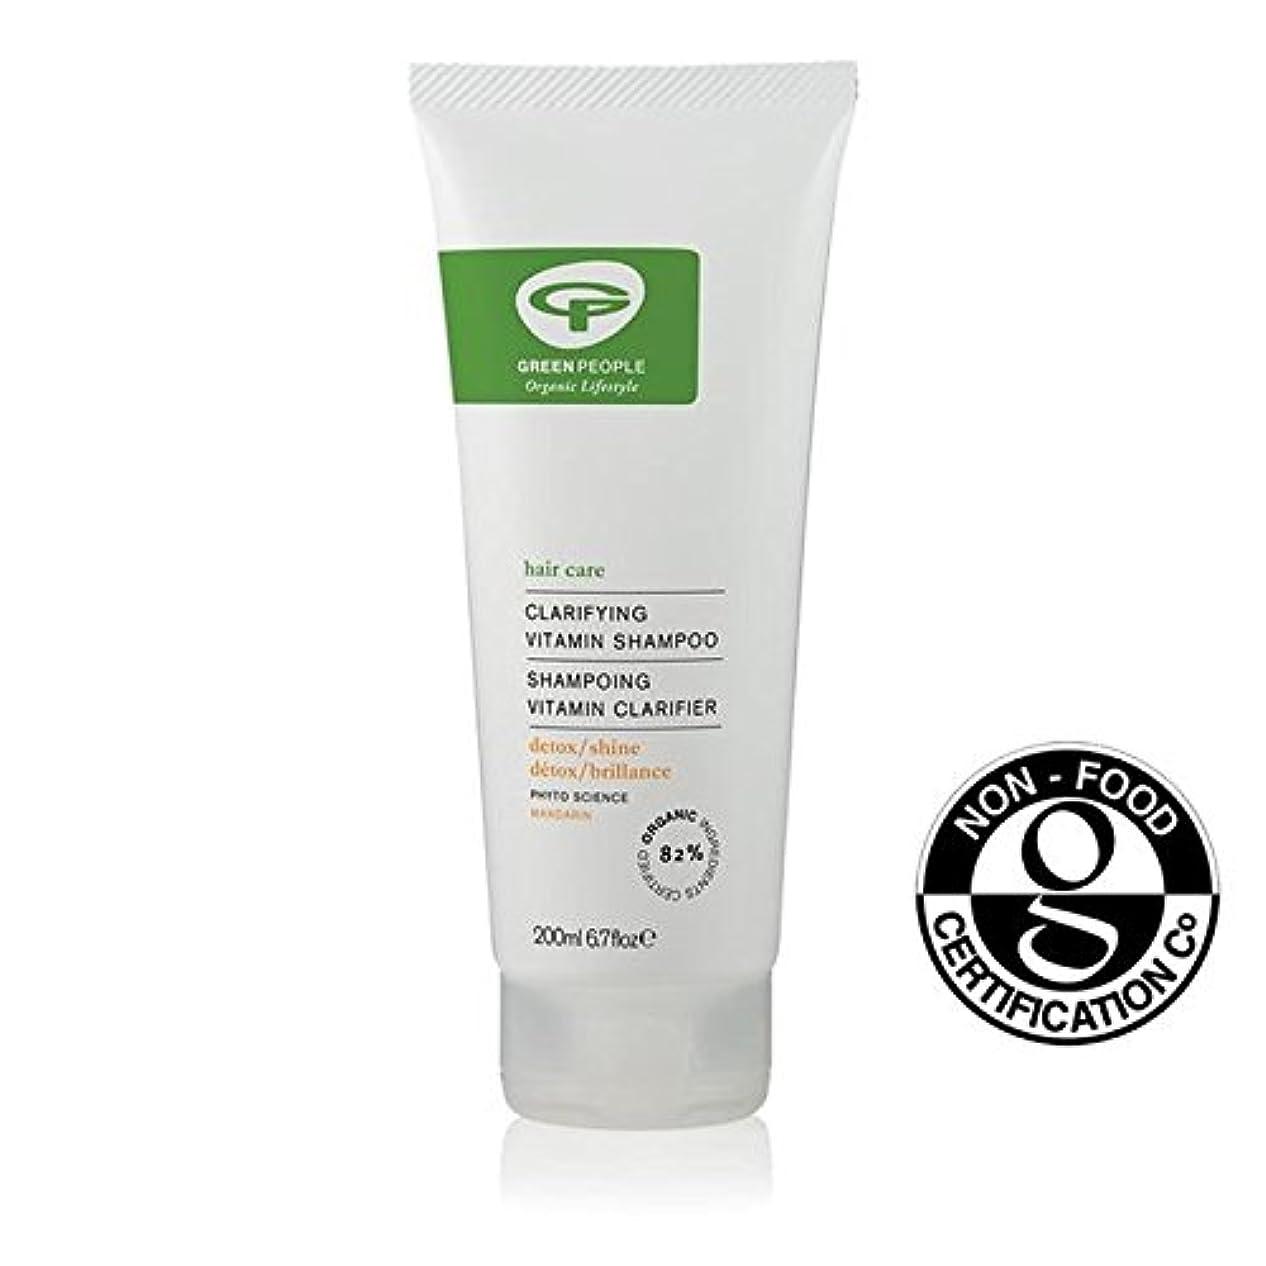 トレイ緊張する適合しました緑の人々の有機明確ビタミンシャンプー200ミリリットル x4 - Green People Organic Clarifying Vitamin Shampoo 200ml (Pack of 4) [並行輸入品]